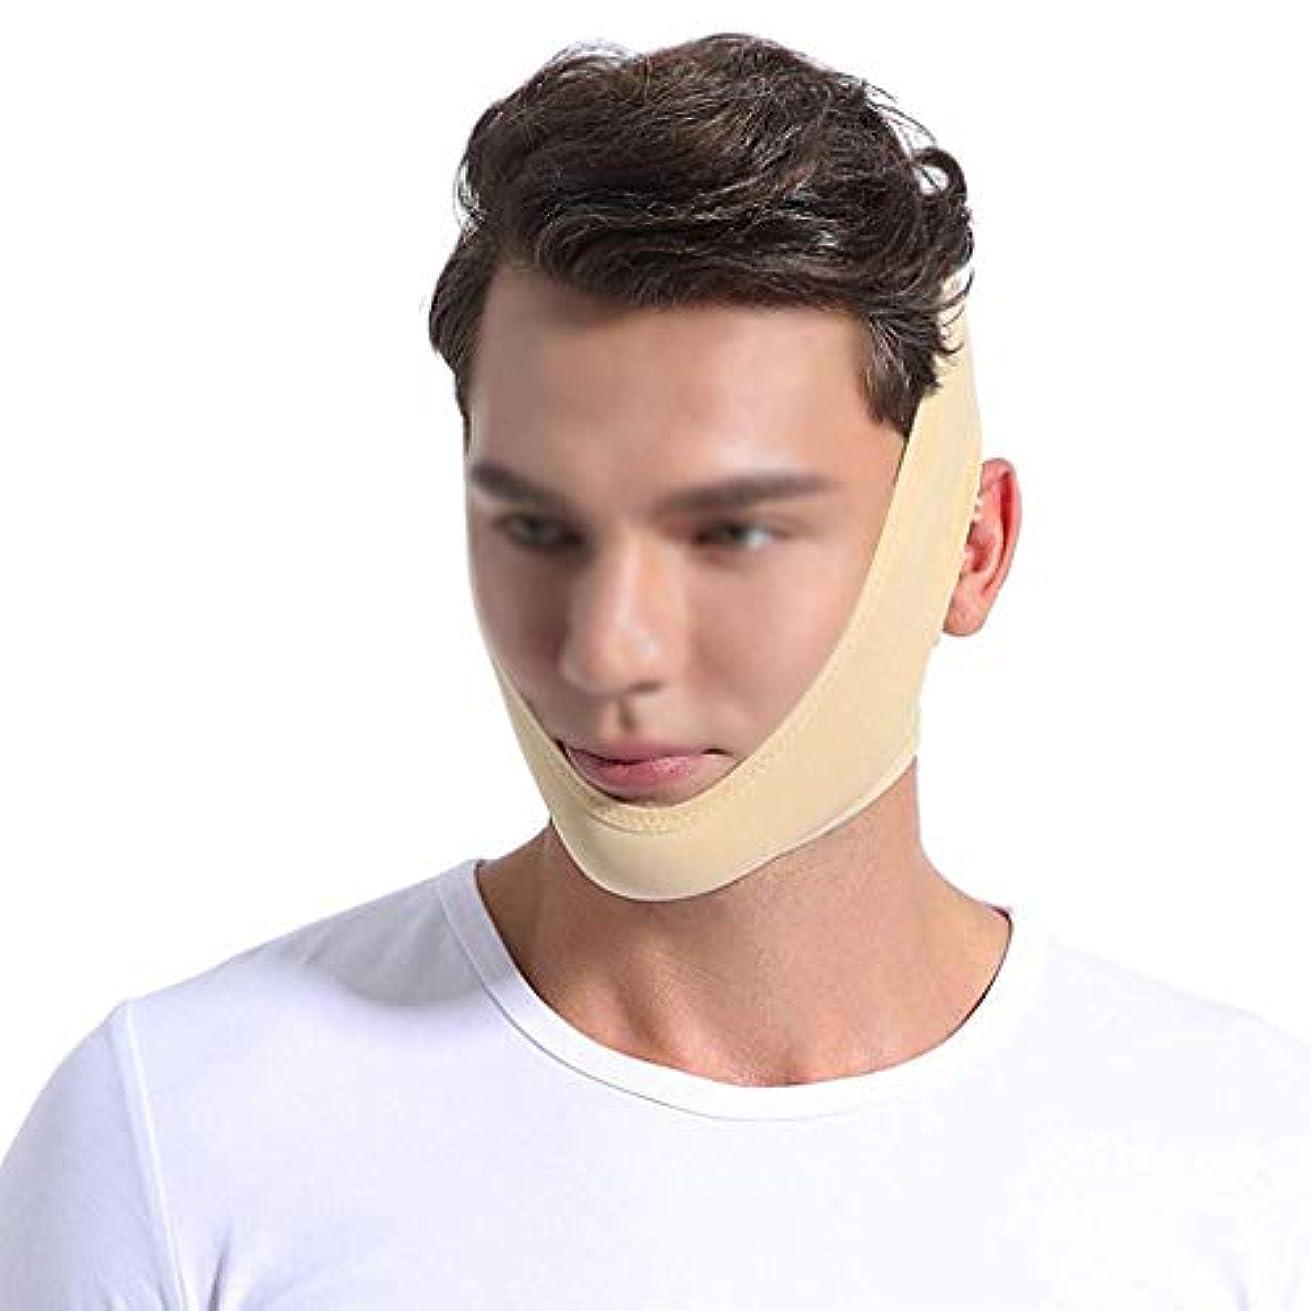 しかしセイはさておきジャム医療用ワイヤーカービング後、リフティングマスクを再開し、男性と女性の顔の弾性包帯のヘッドギアは小さなVフェイスの薄いフェイスマスクを結びました